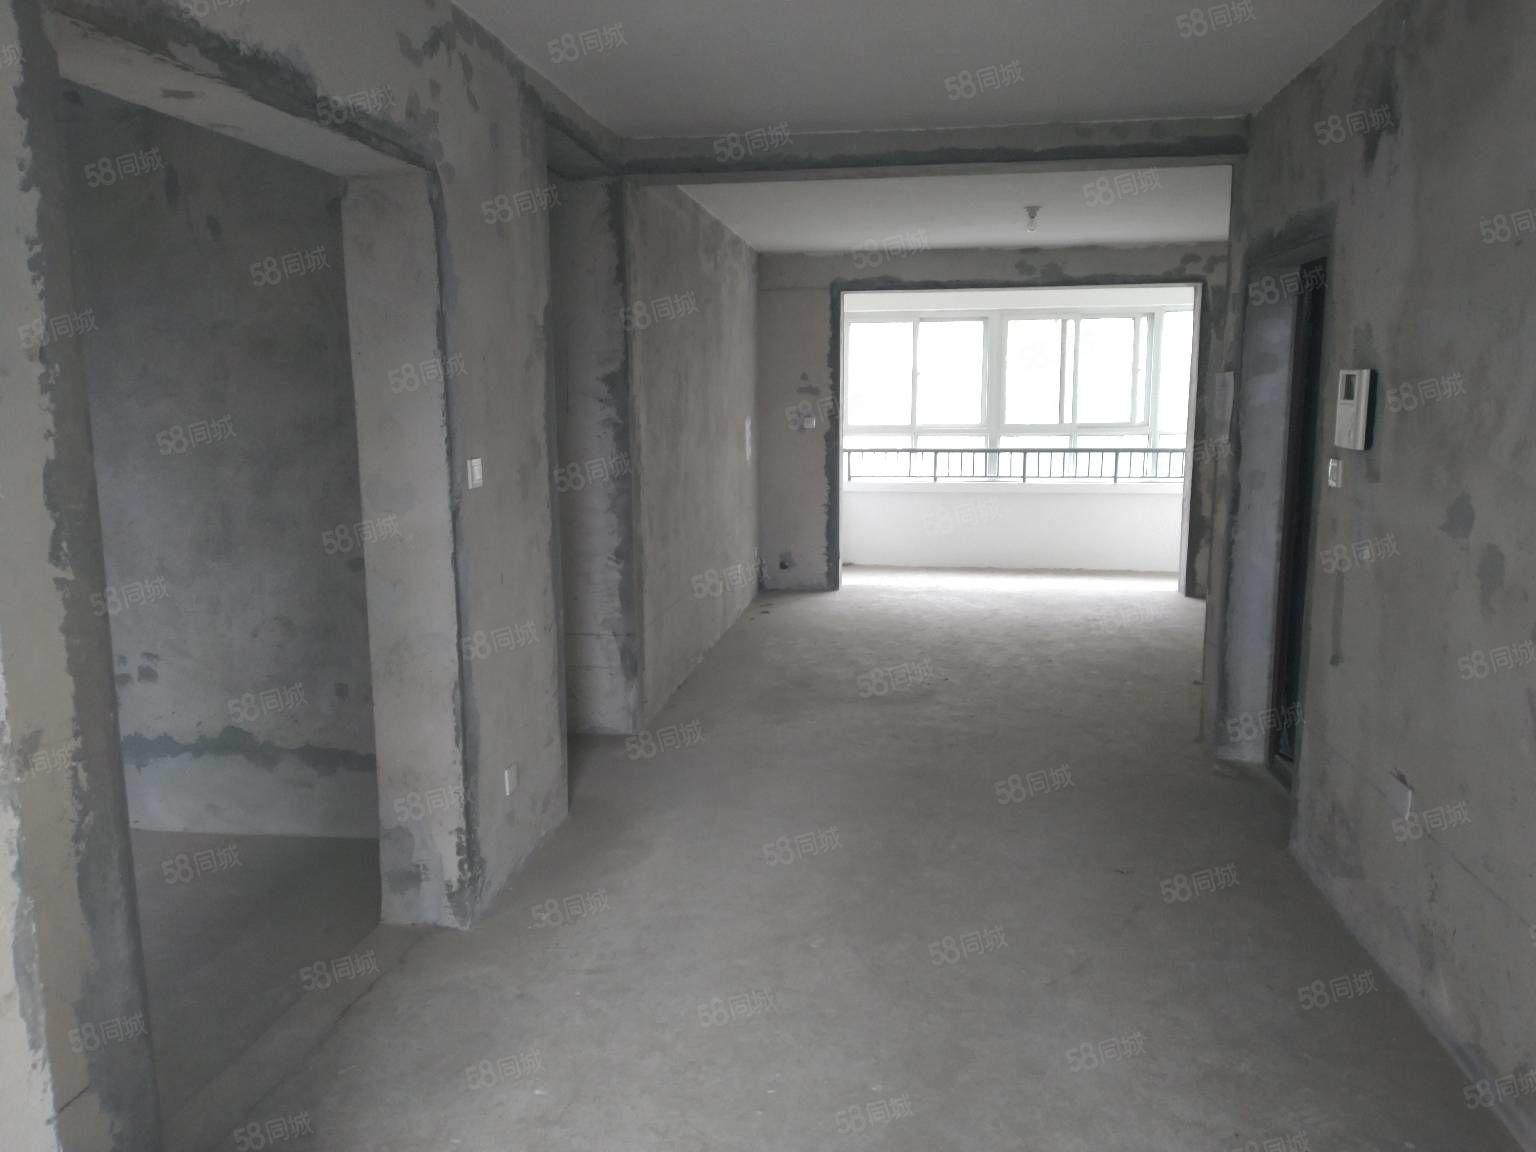 城西桃源新城多层三楼三居户型好南北通透106平48万